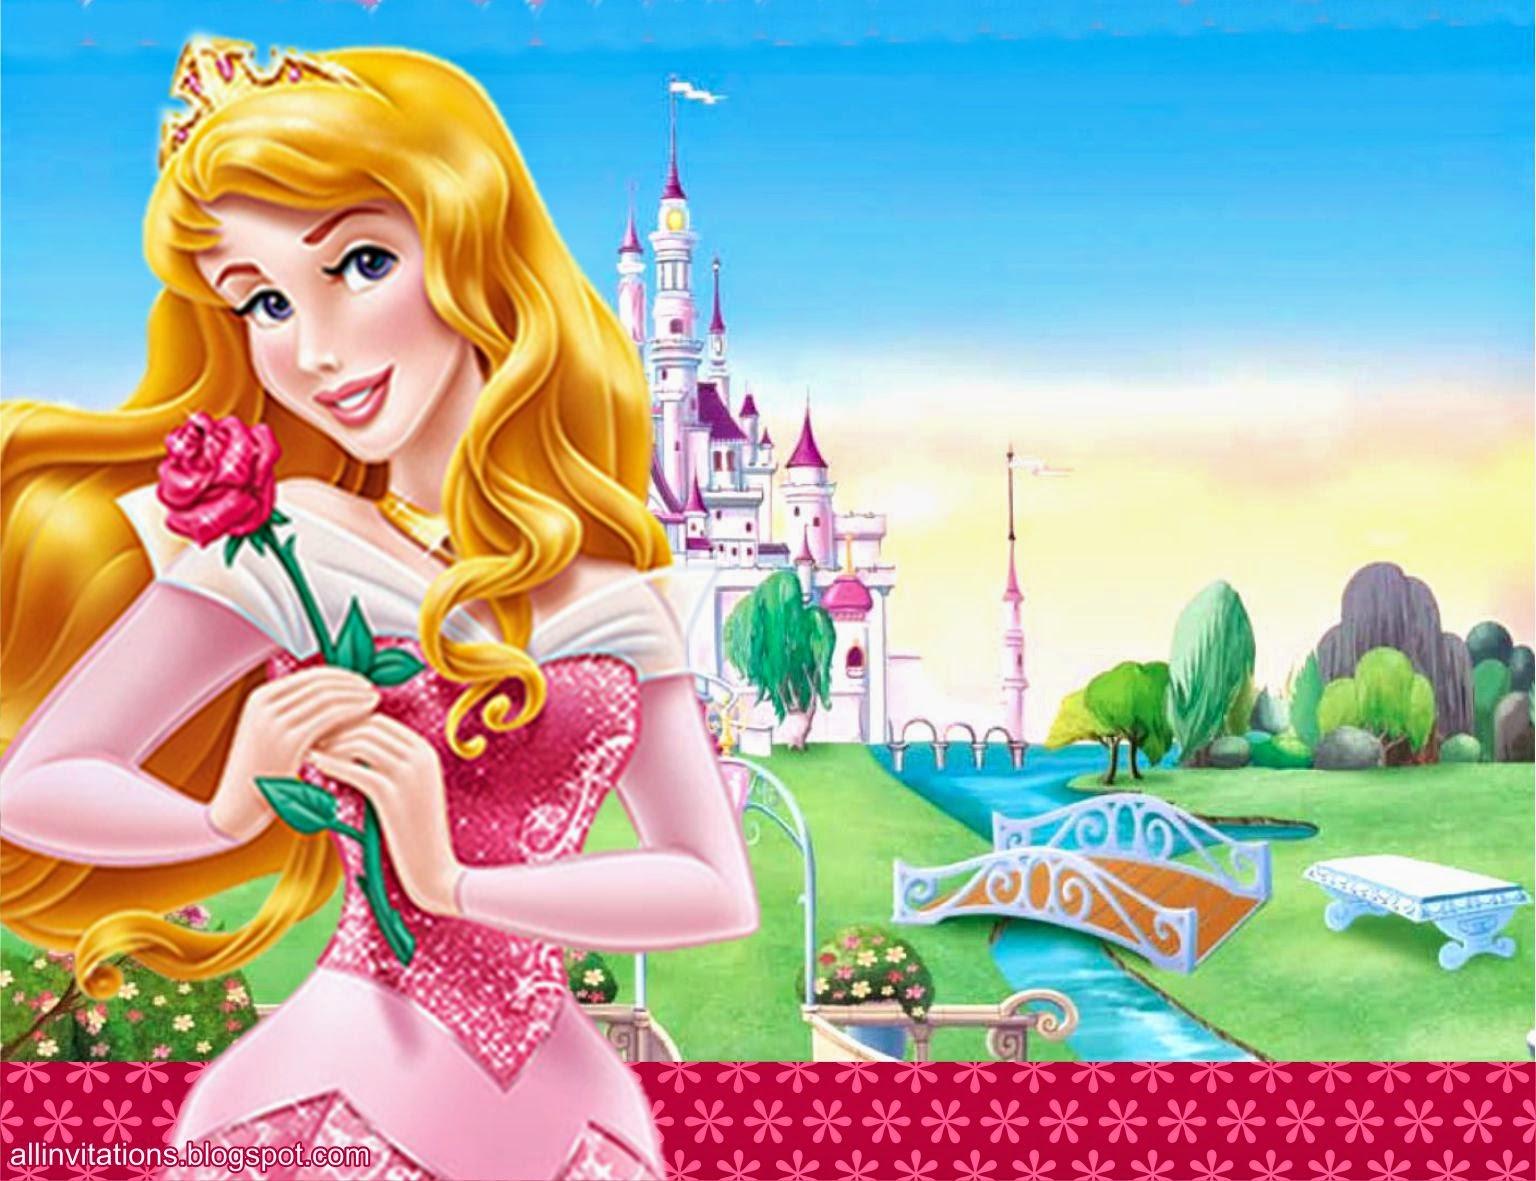 Plantilla para invitación con el tema de la Princesa Aurora